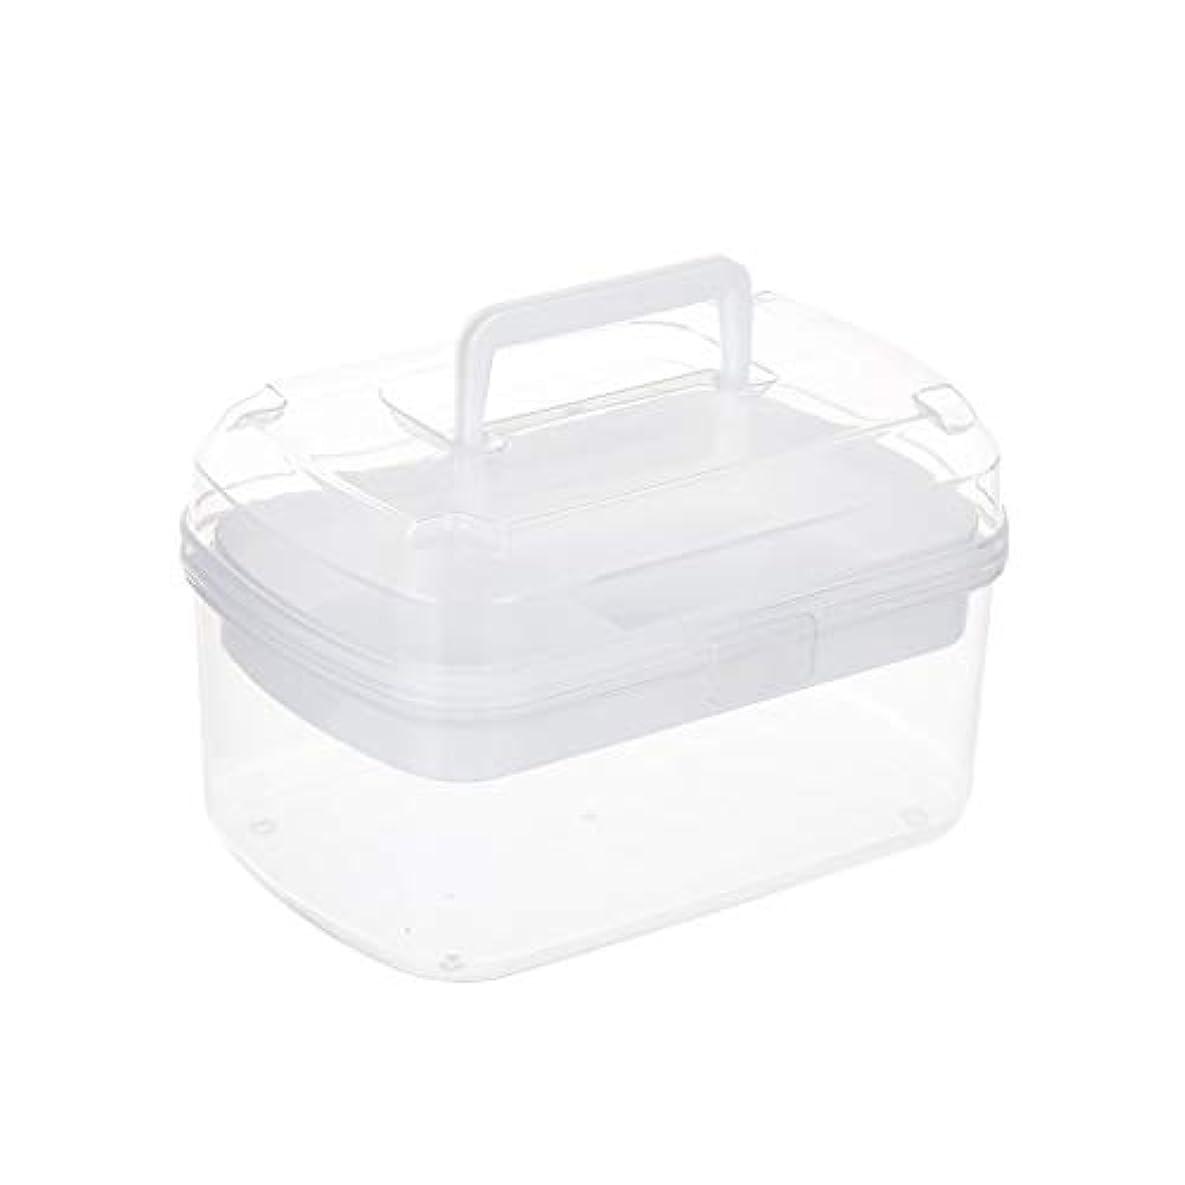 廊下スクレーパー遊び場家庭用薬箱小さな薬箱薬収納ボックスポータブル多層救急箱透明色 GBYGDQ